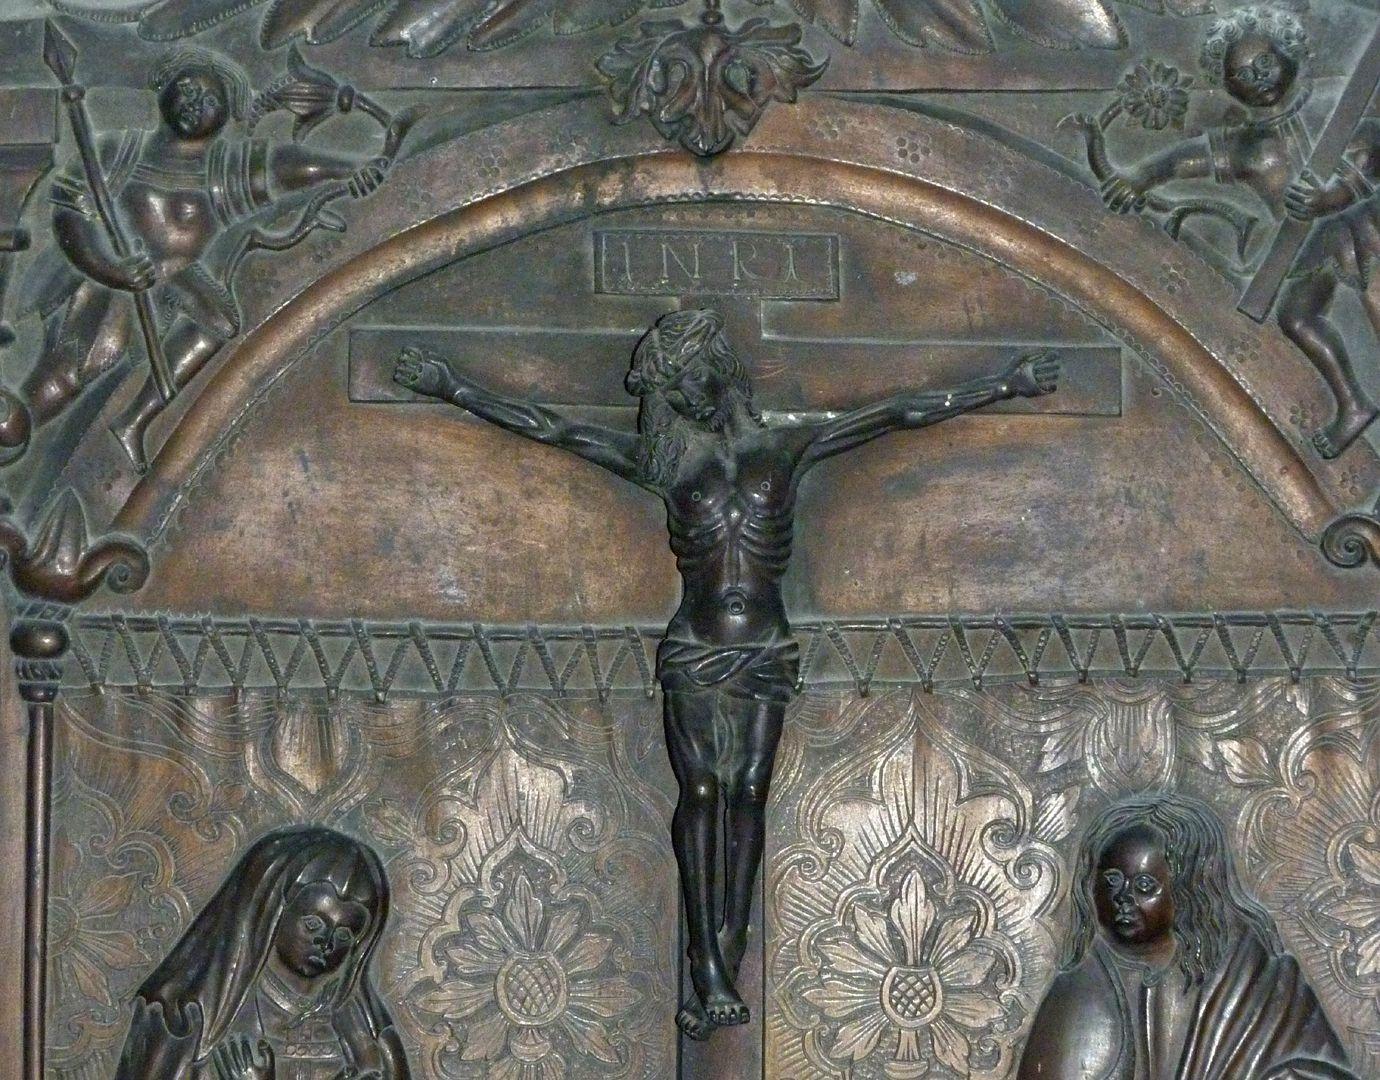 Christoph von Stadion Kreuzigungsszene, Detail